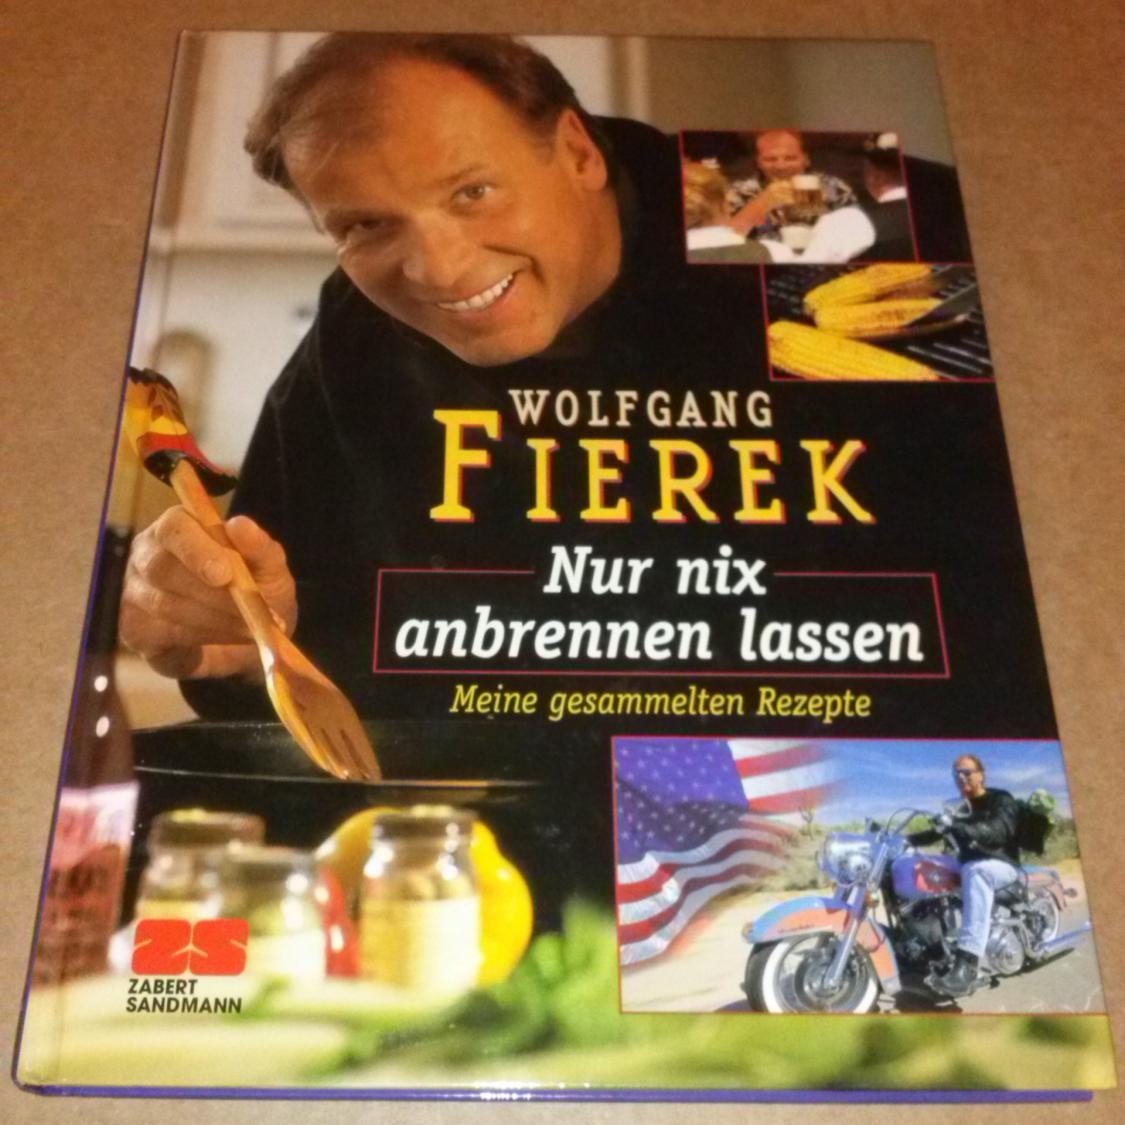 Wolfgang Fierek - Nur nix anbrennen lassen mit Fotos von Alexander Haselhoff. Meine gesammelten Rezepte - 1. Auflage 2000 - Sprache: Deutsch 0